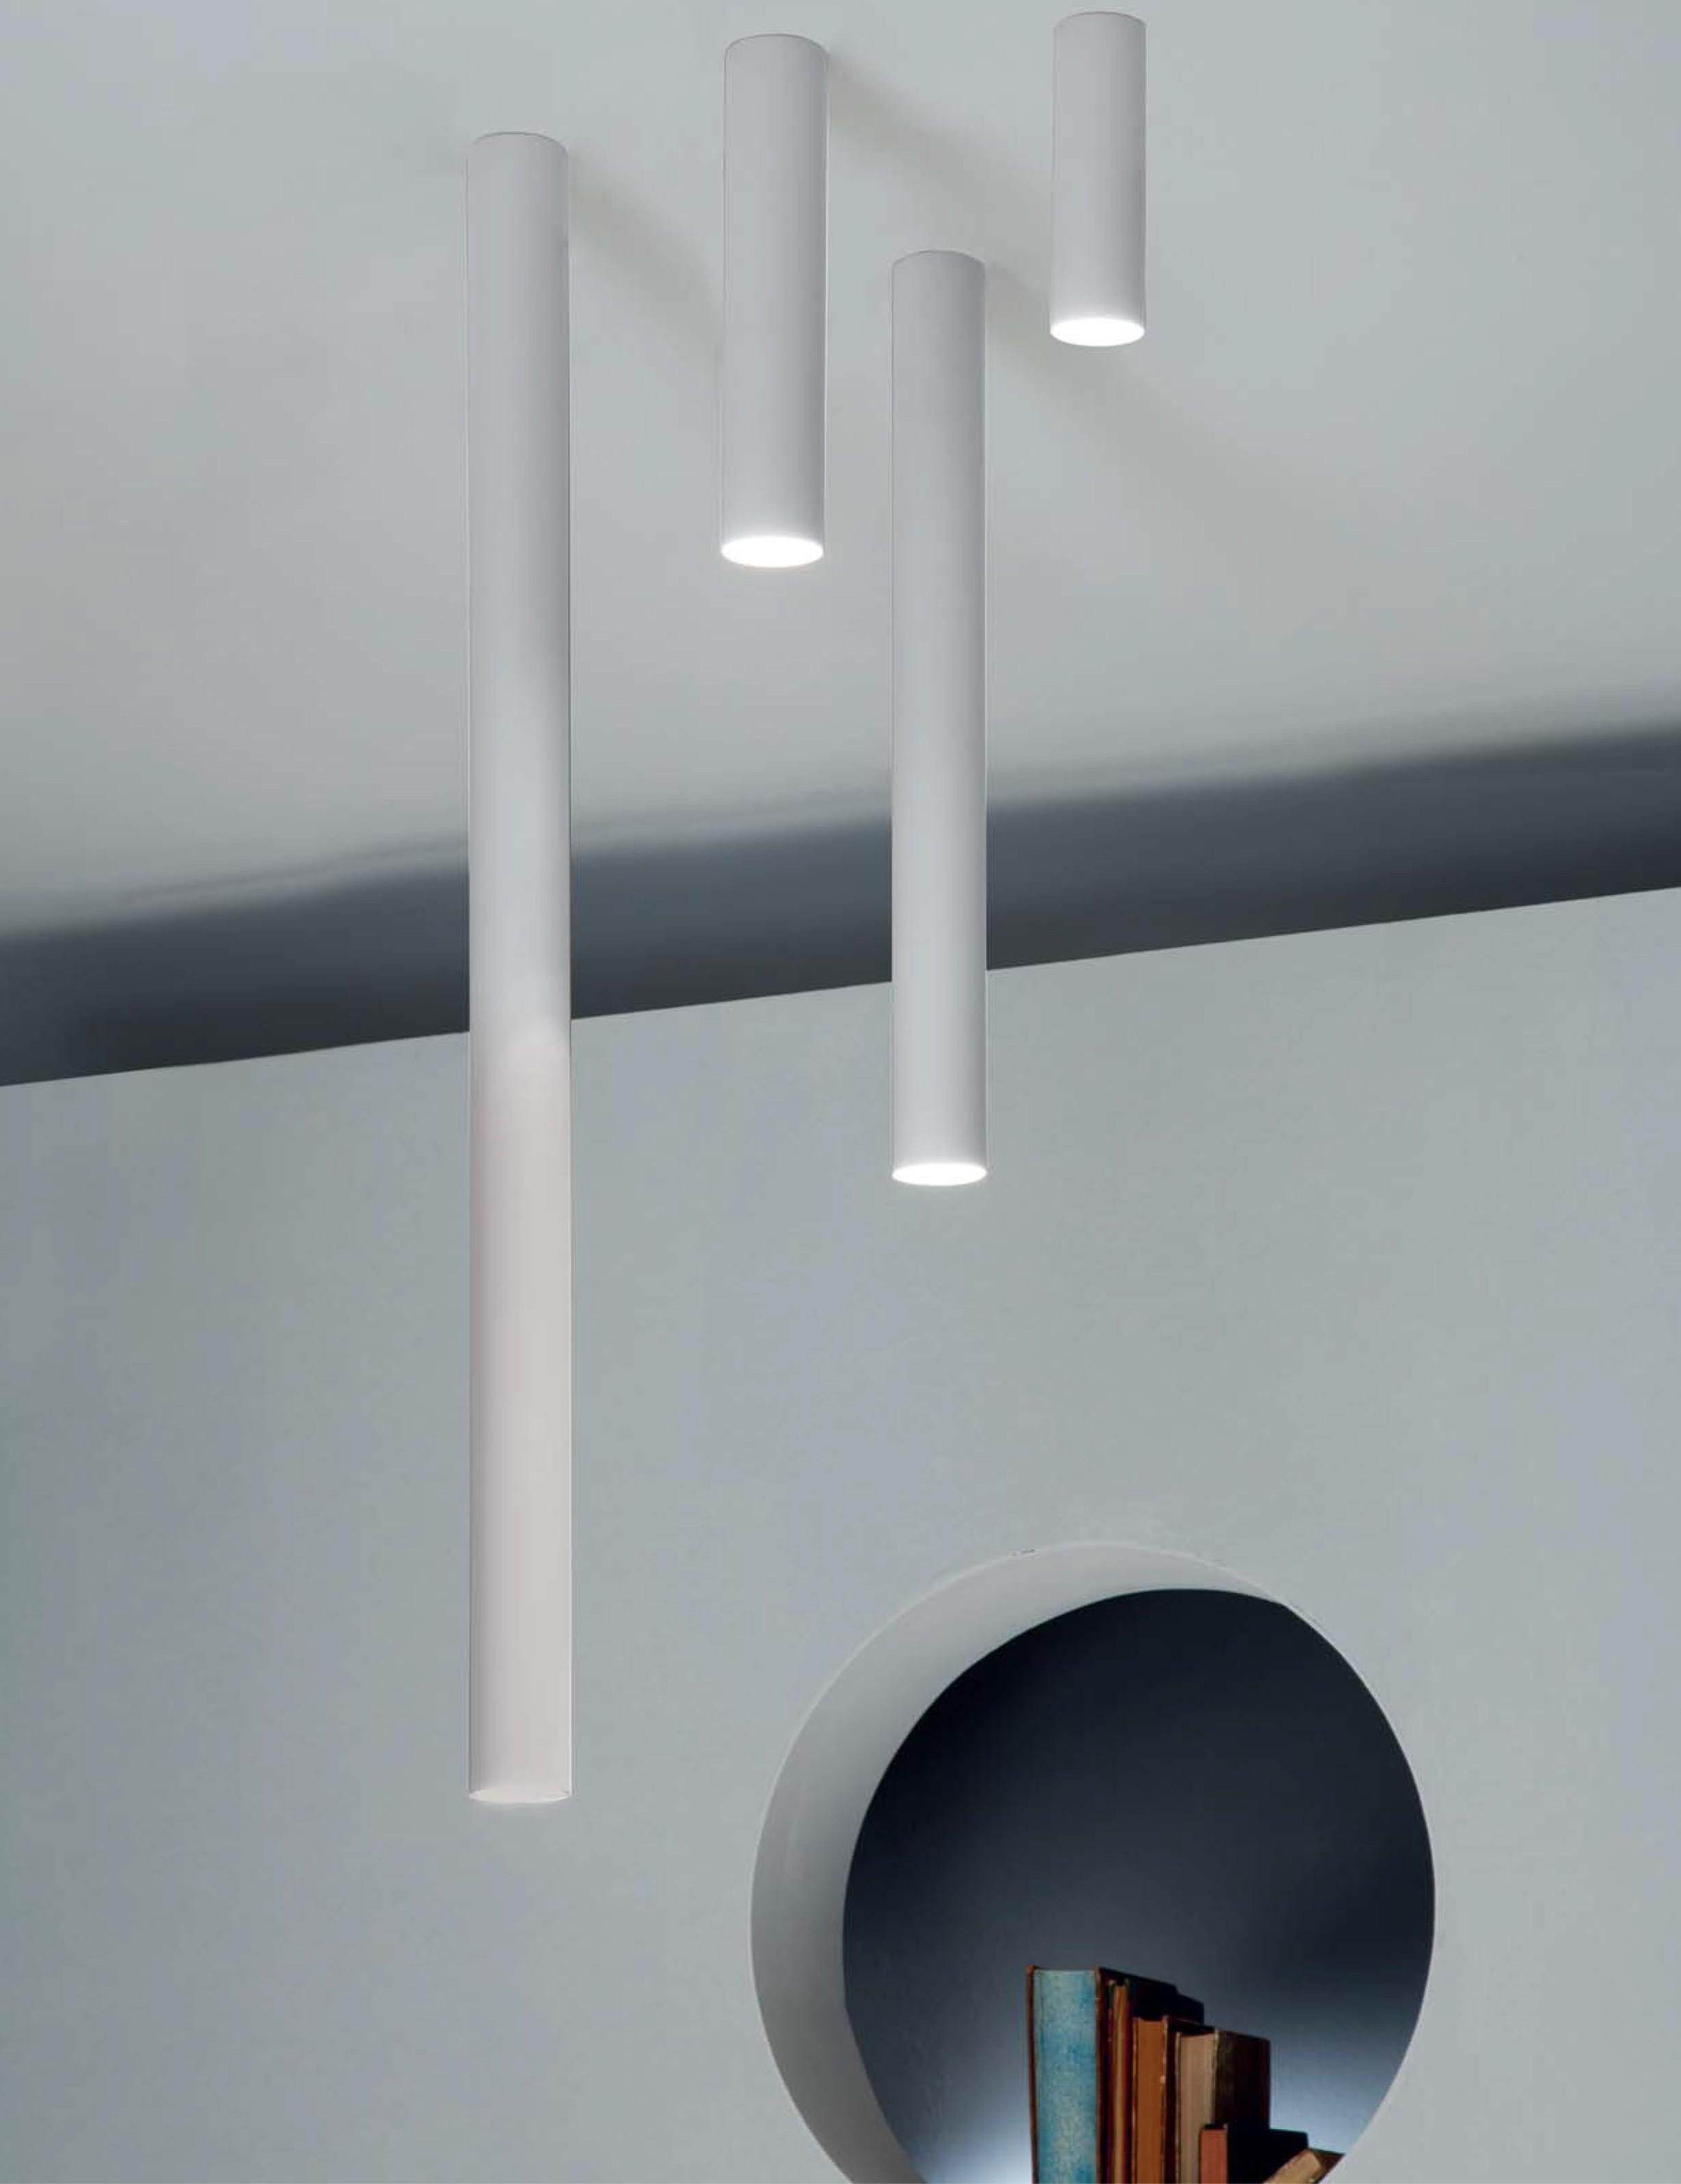 Studio Italia Design ATube Ceiling Lighting Design